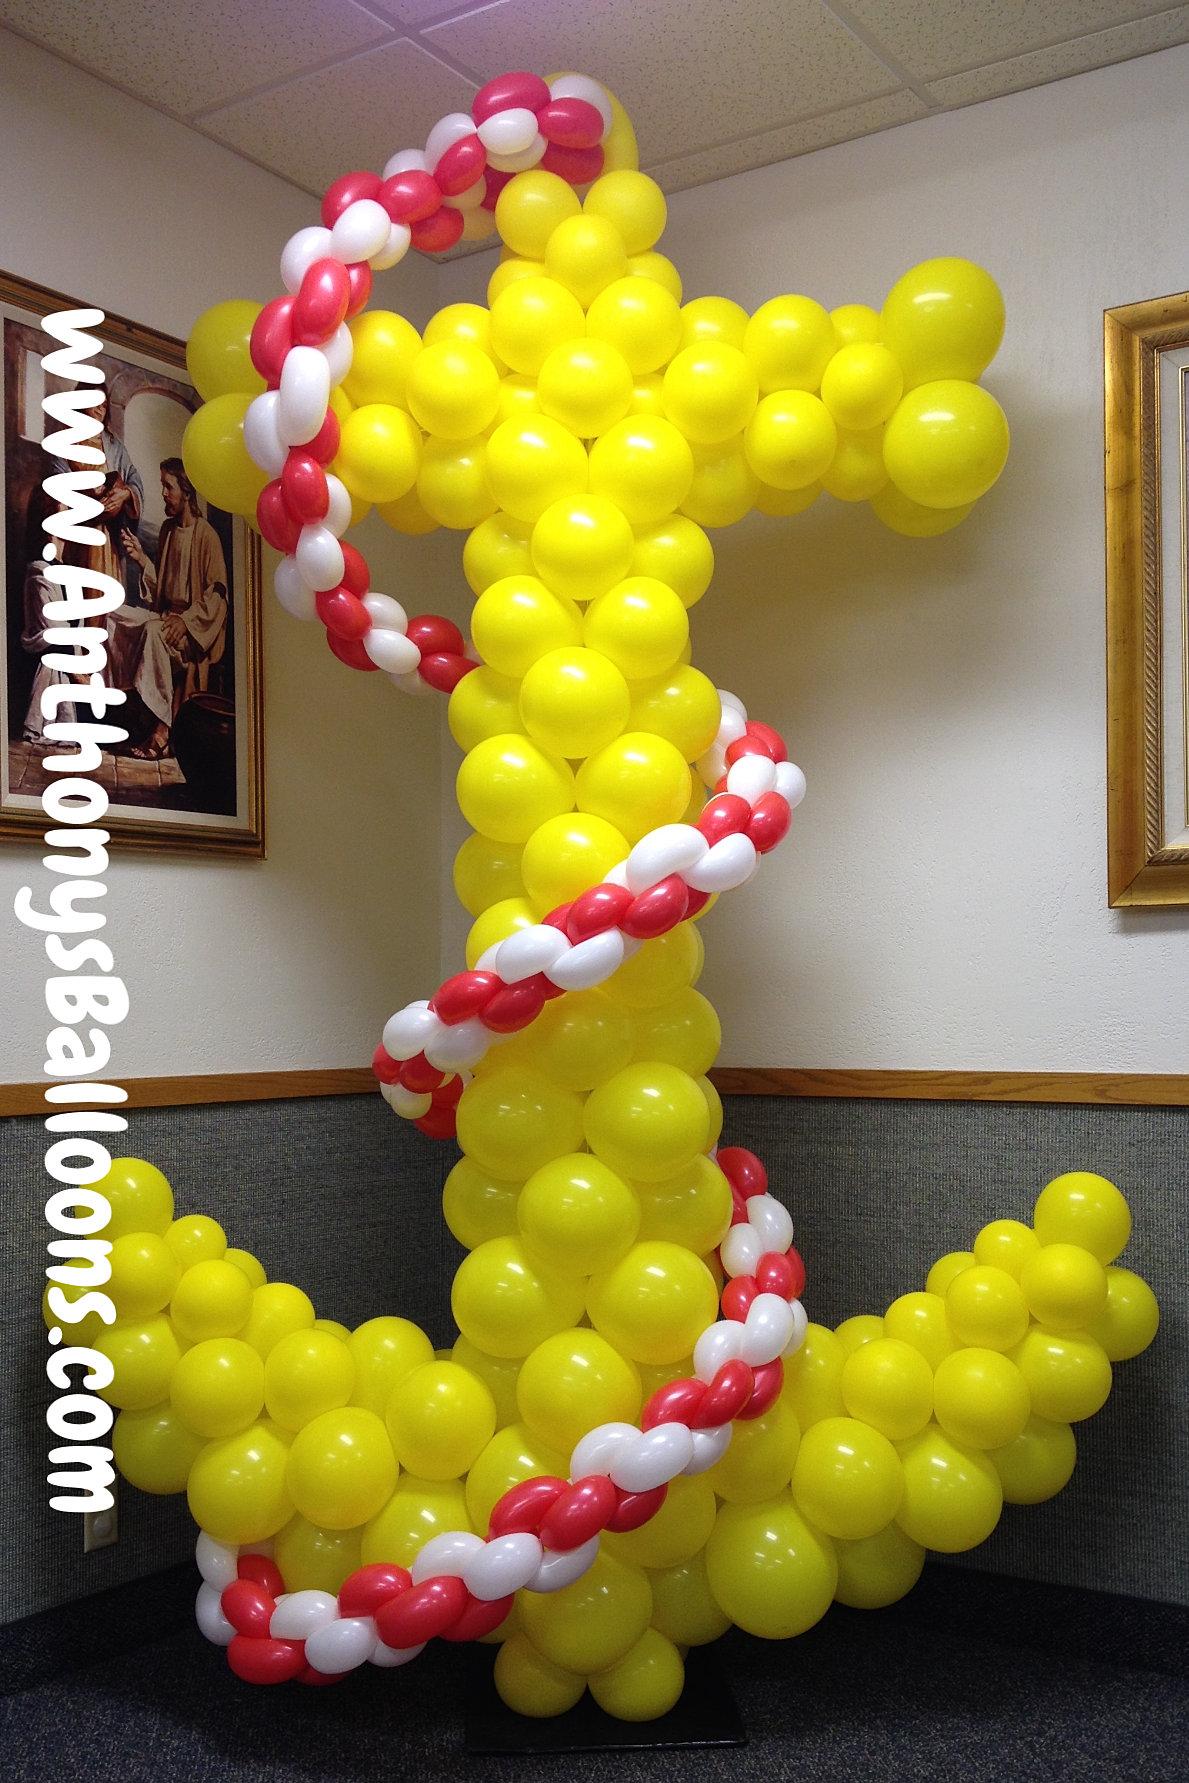 Chicago balloon decor anchor balloon sculpture for Balloon decoration chicago